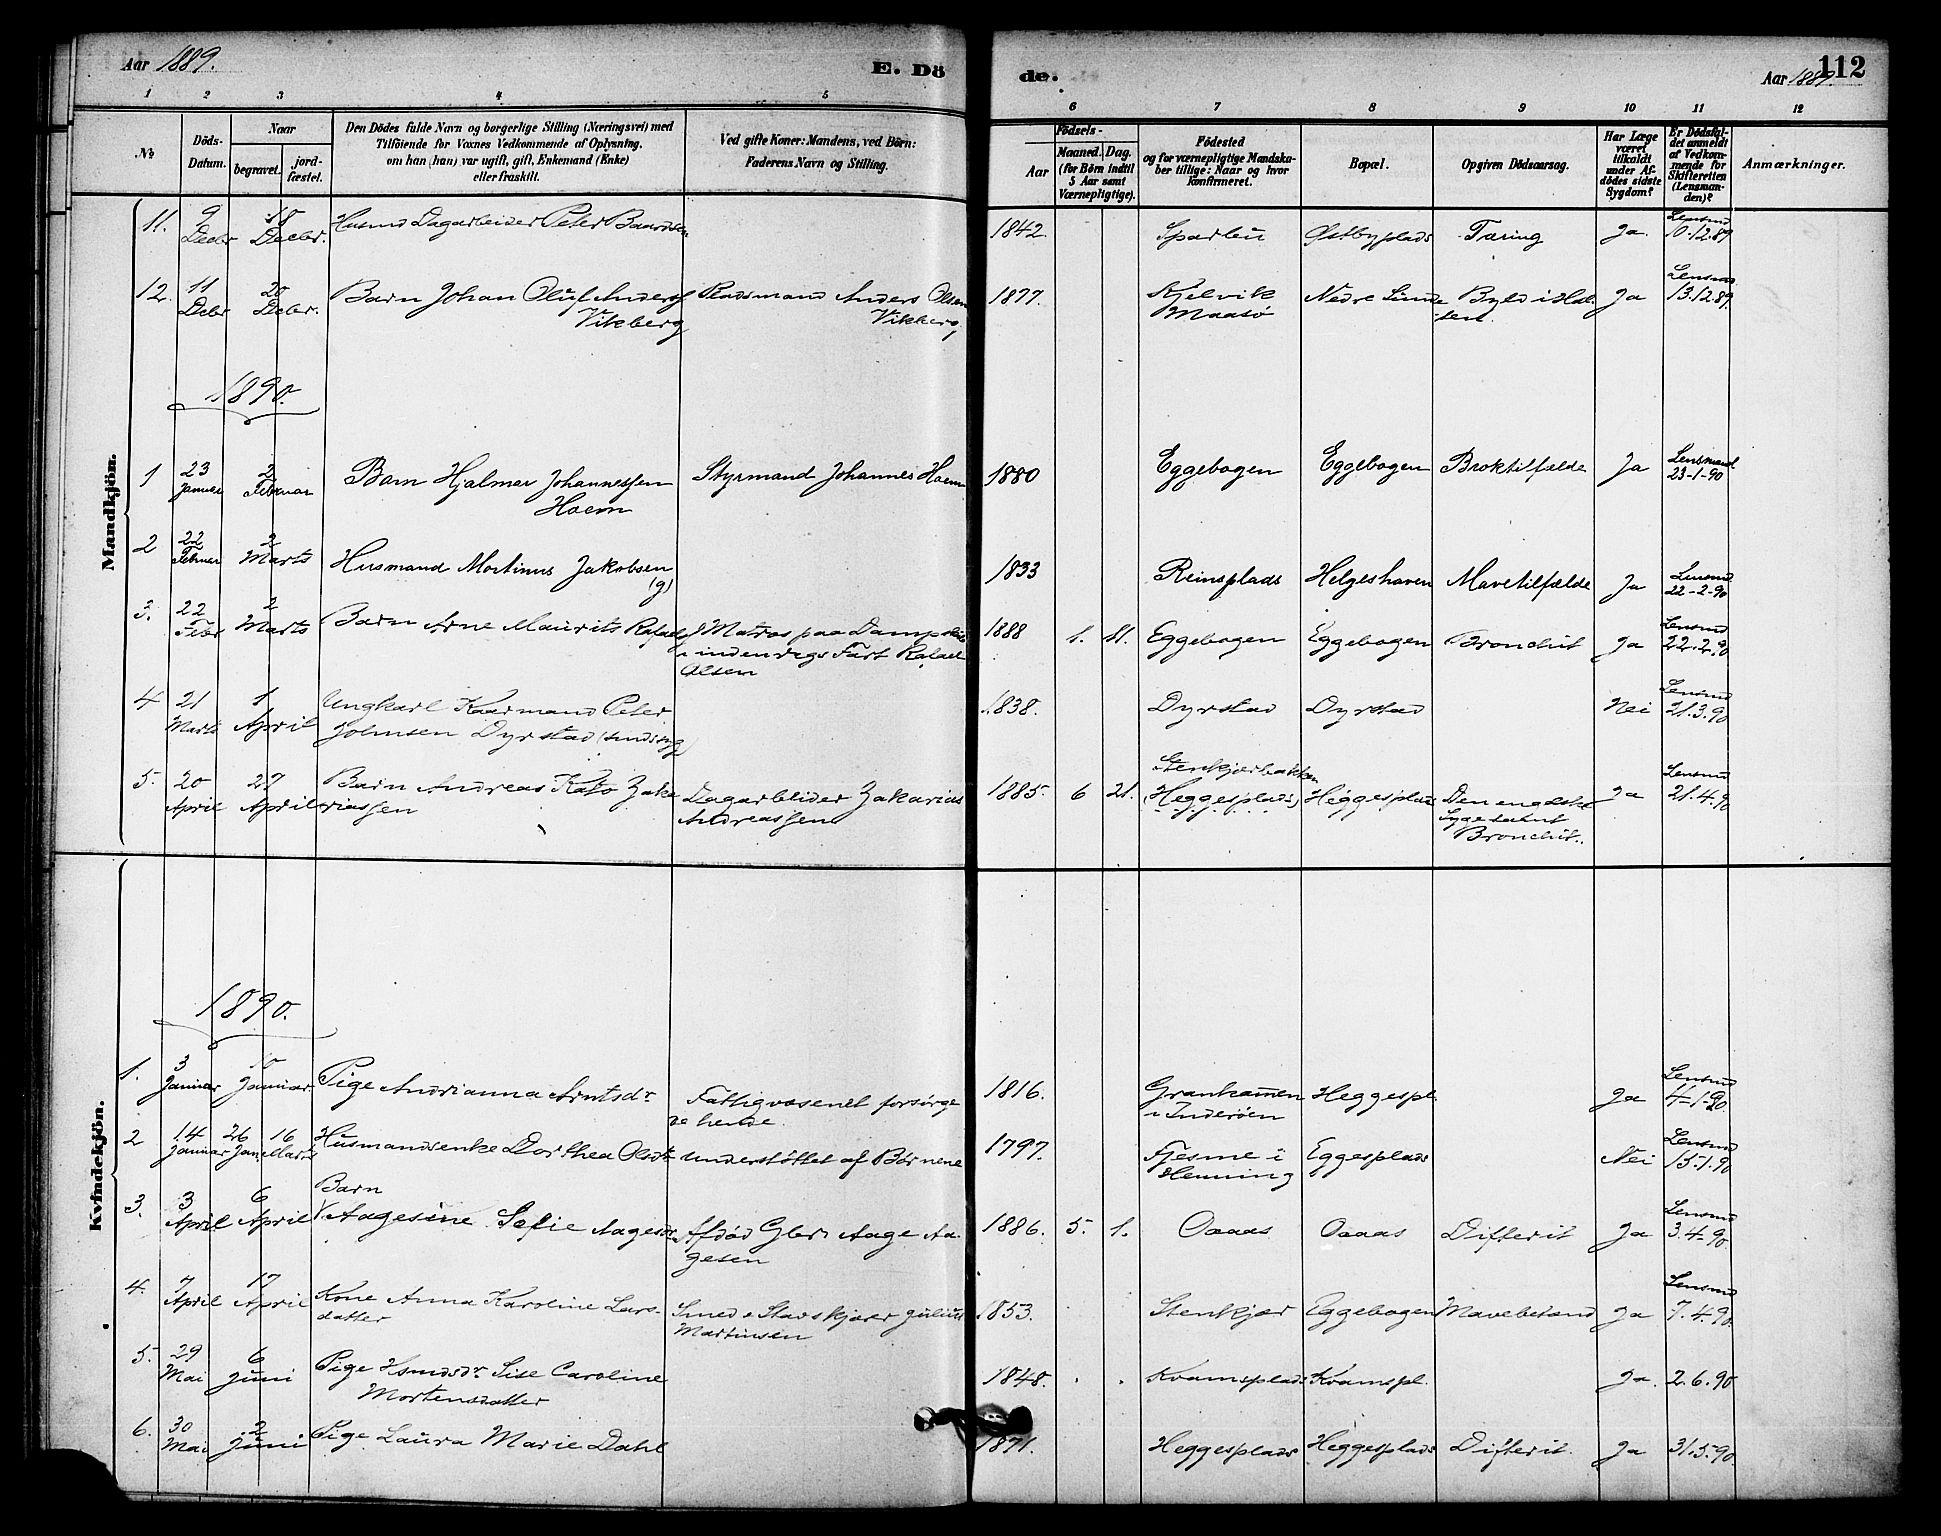 SAT, Ministerialprotokoller, klokkerbøker og fødselsregistre - Nord-Trøndelag, 740/L0378: Ministerialbok nr. 740A01, 1881-1895, s. 112